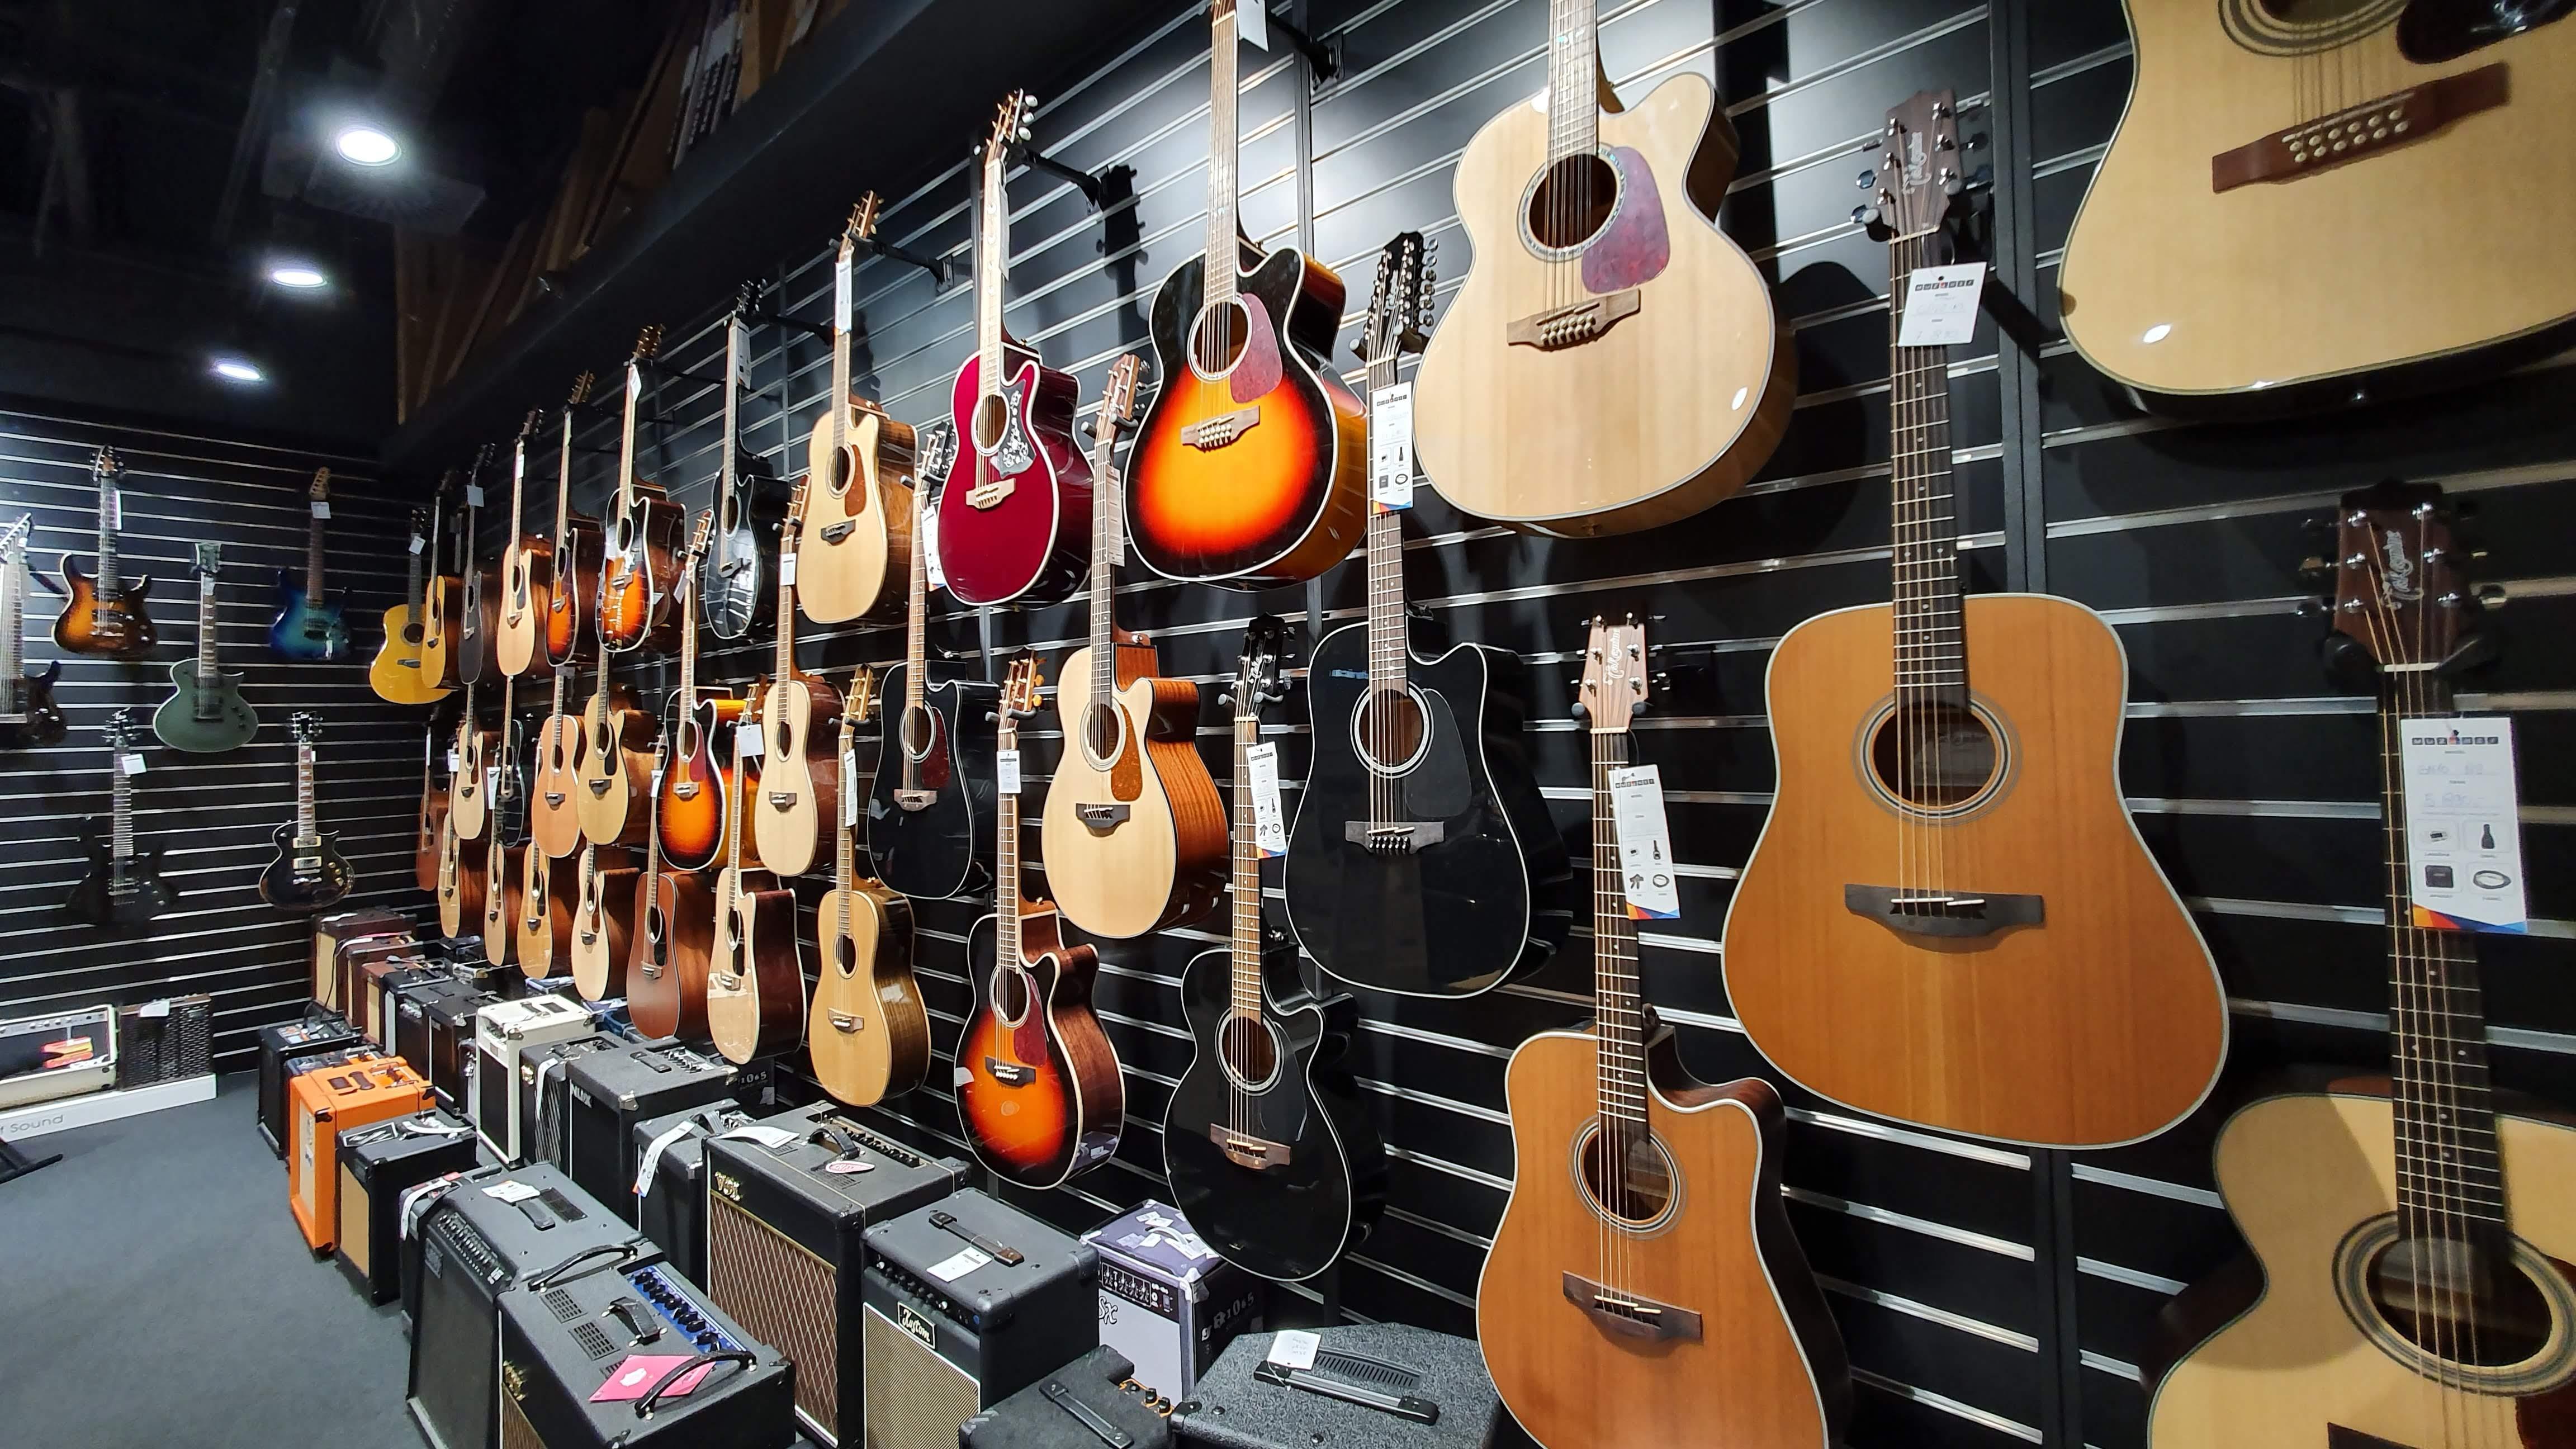 Muziker Hangszerbolt - Prága Centrum Chodov - Csehország